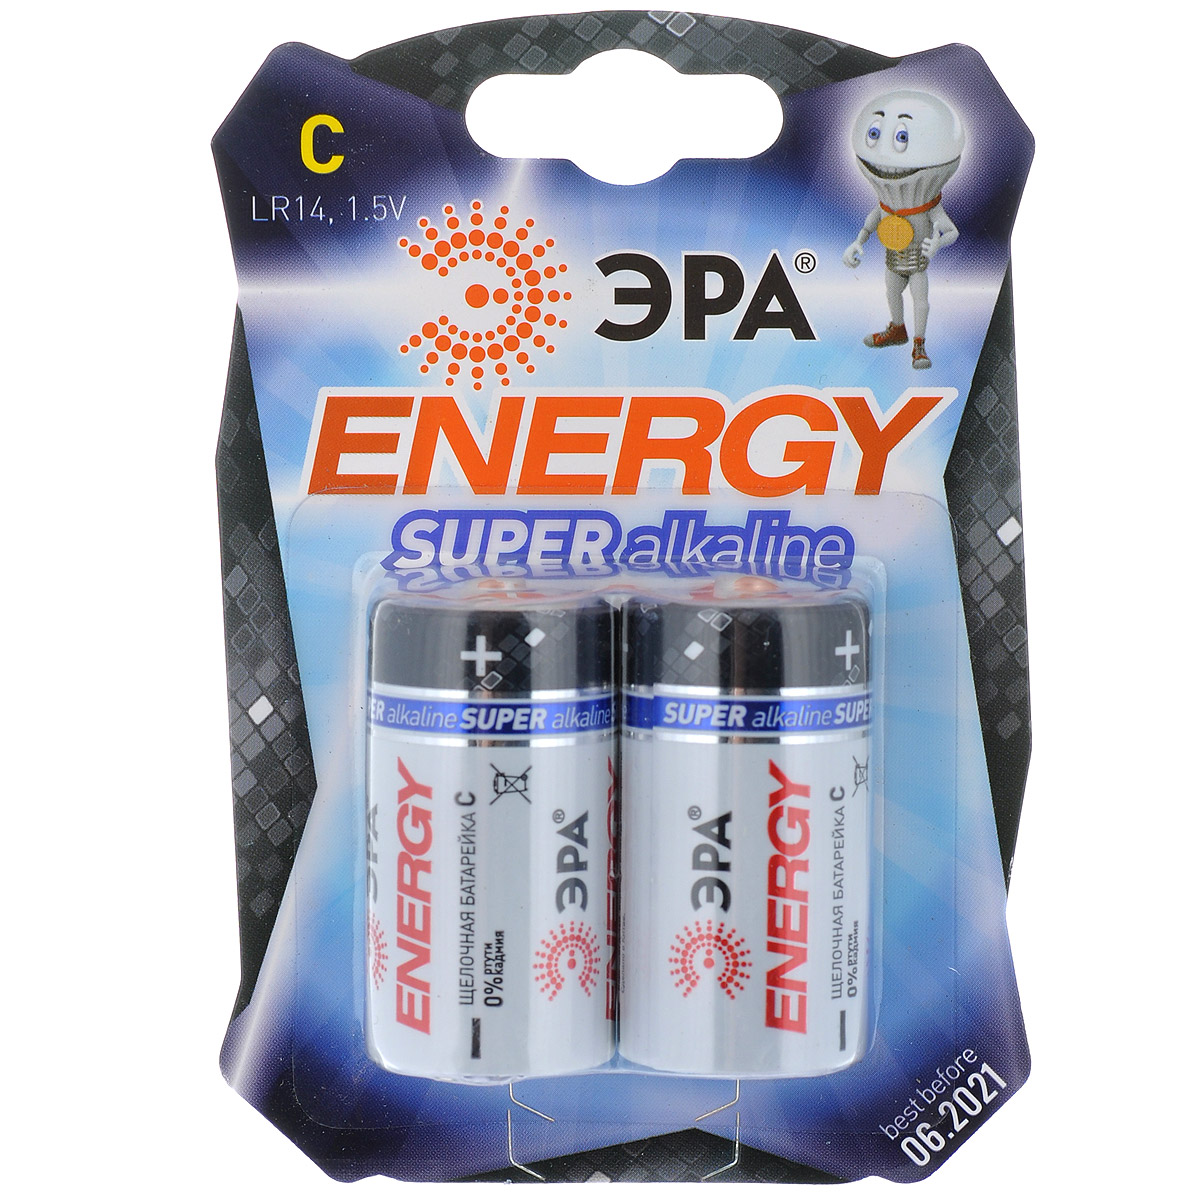 Батарейка алкалиновая ЭРА Energy, тип C (LR14), 1,5В, 2 шт5055398600993Щелочные (алкалиновые) батарейки ЭРА Energy оптимально подходят для повседневного питания множества современных бытовых приборов: электронных игрушек, фонарей, беспроводной компьютерной периферии и многого другого. Батарейки созданы для устройств со средним и высоким потреблением энергии. Работают в 10 раз дольше, чем обычные солевые элементы питания. В комплекте - 2 батарейки.Размер батарейки: 2,5 см х 4,6 см.